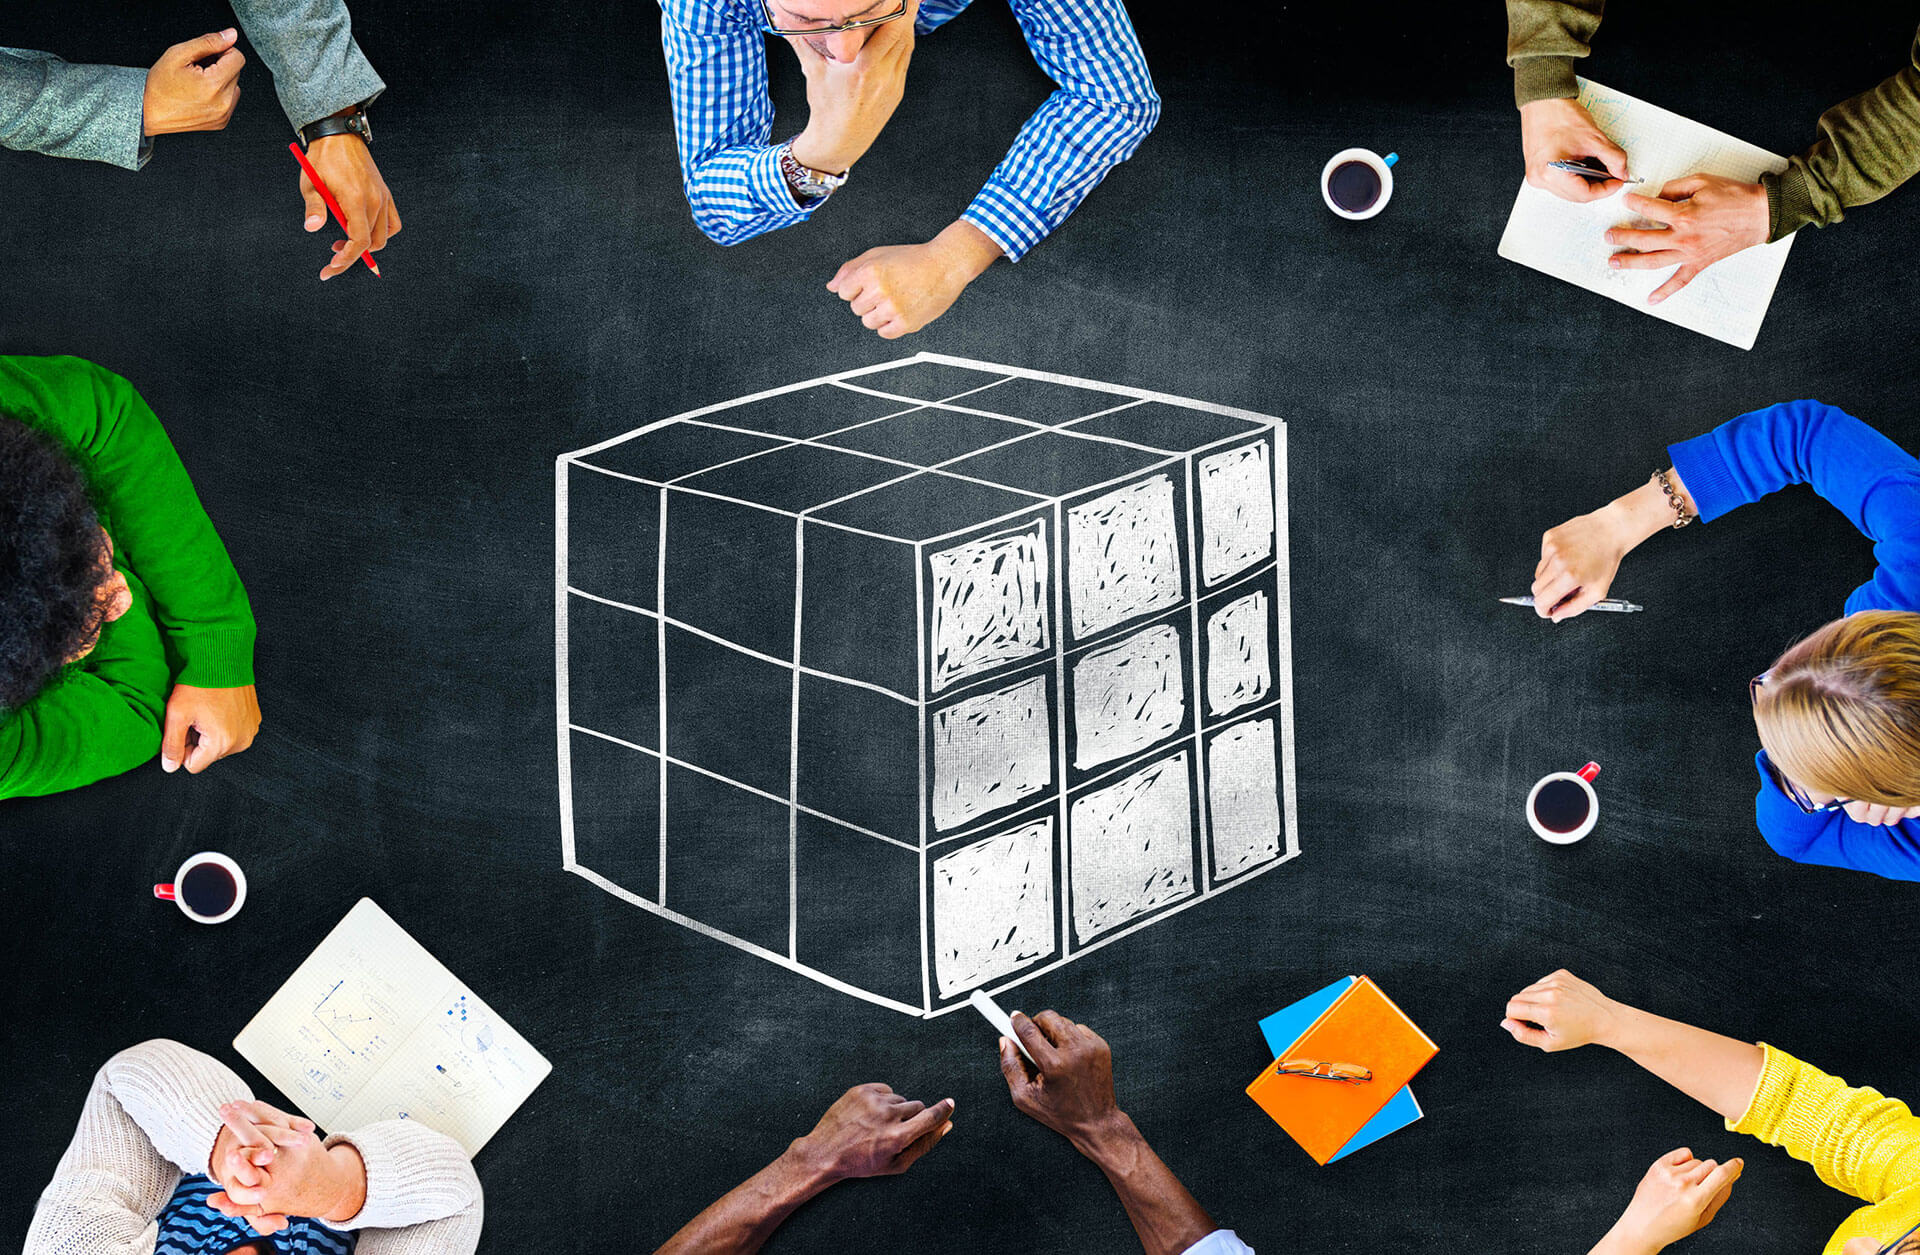 Workshop MSS Consulting - L'analisi del contesto ISO 45001 e la valutazione dei rischi, quali modifiche al sistema di gestione? Confronto fra addetti ai lavori